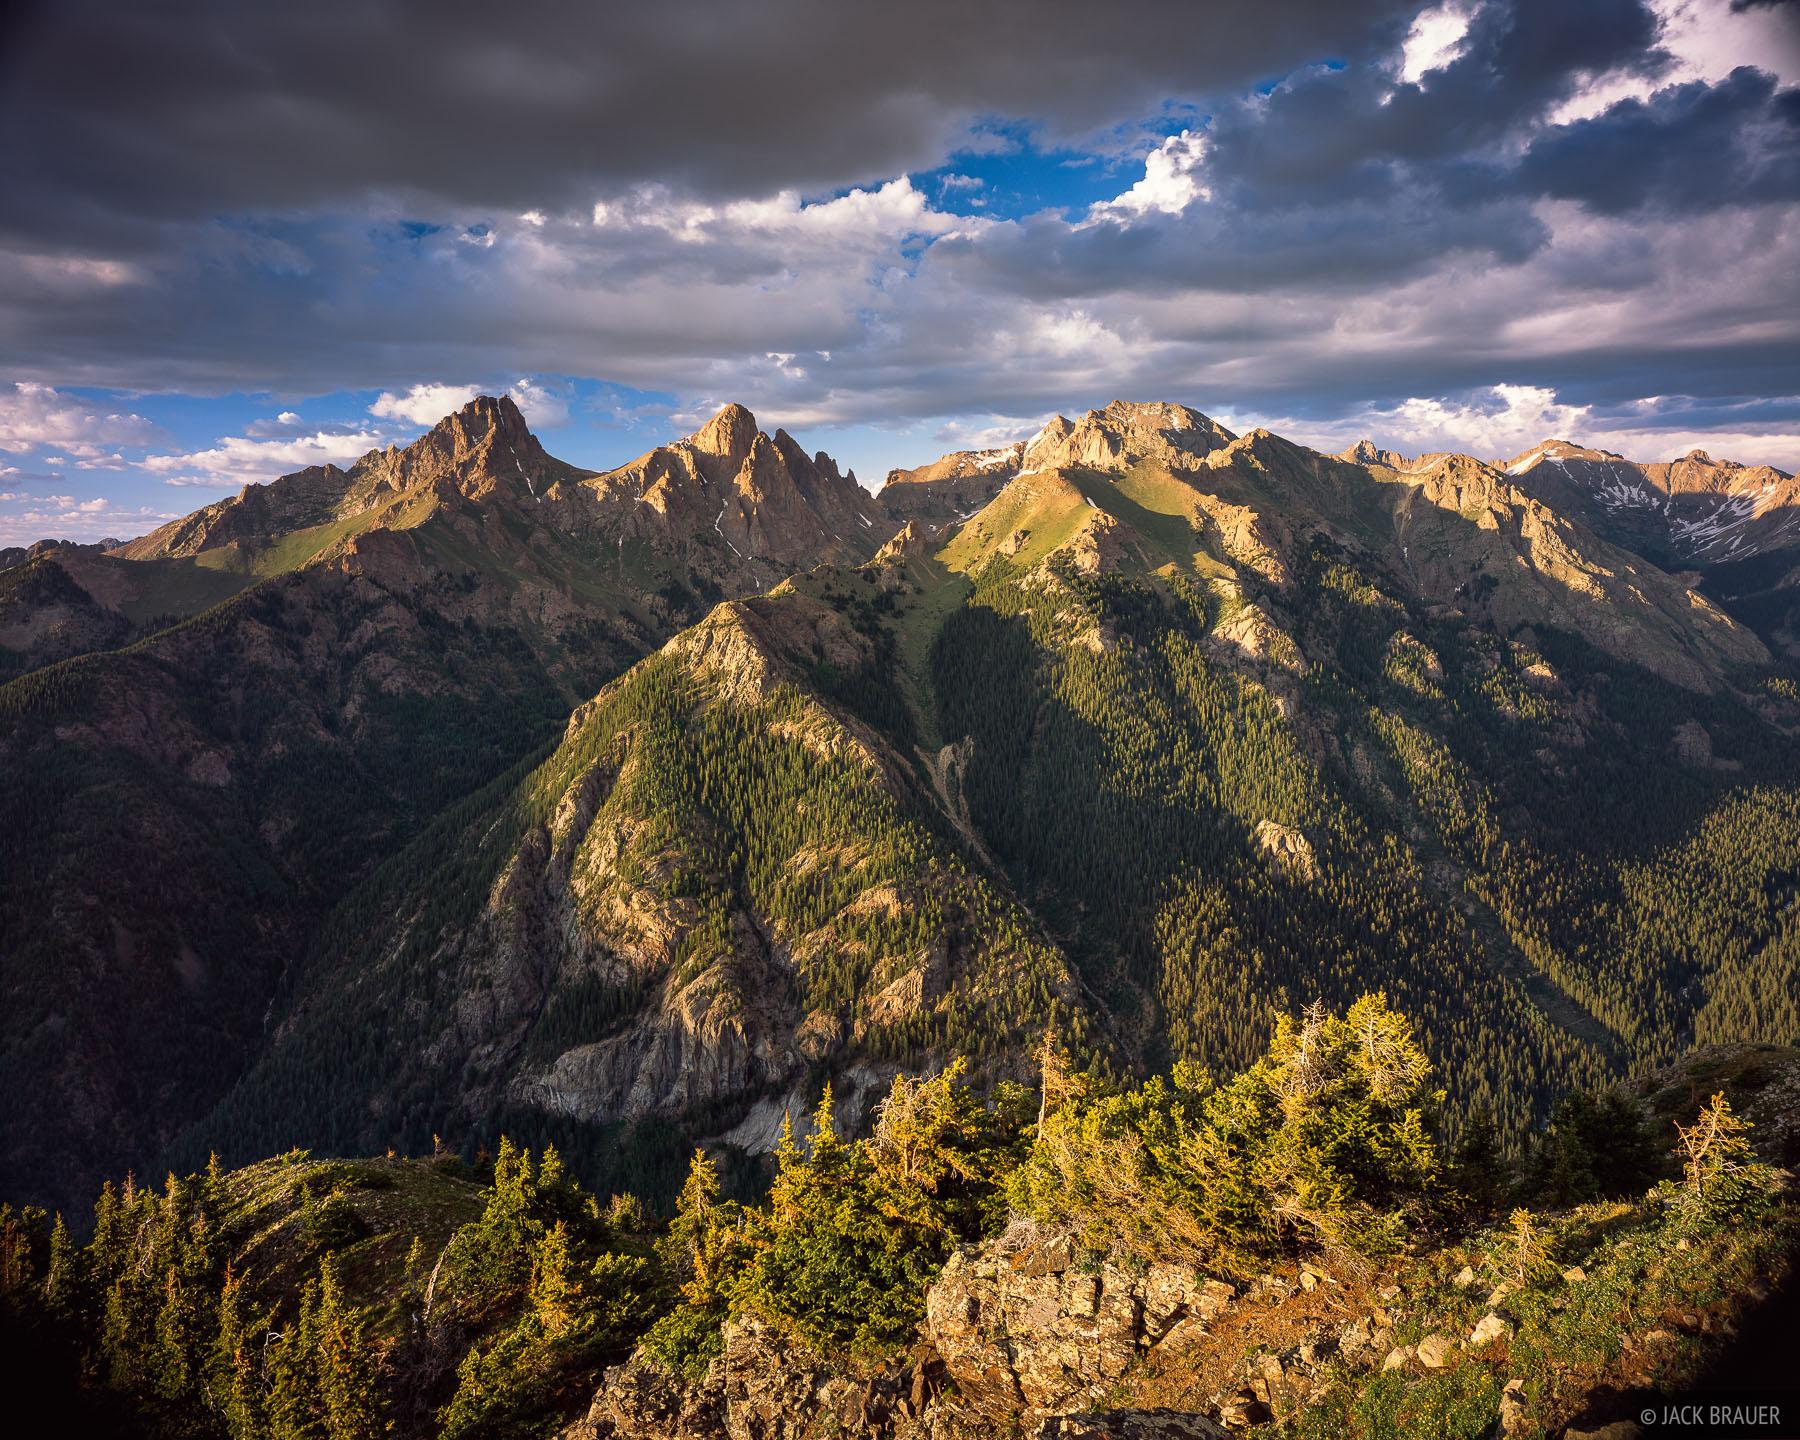 Eolus, Pigeon, Turret, Needle Mountains, San Juans, Colorado, photo